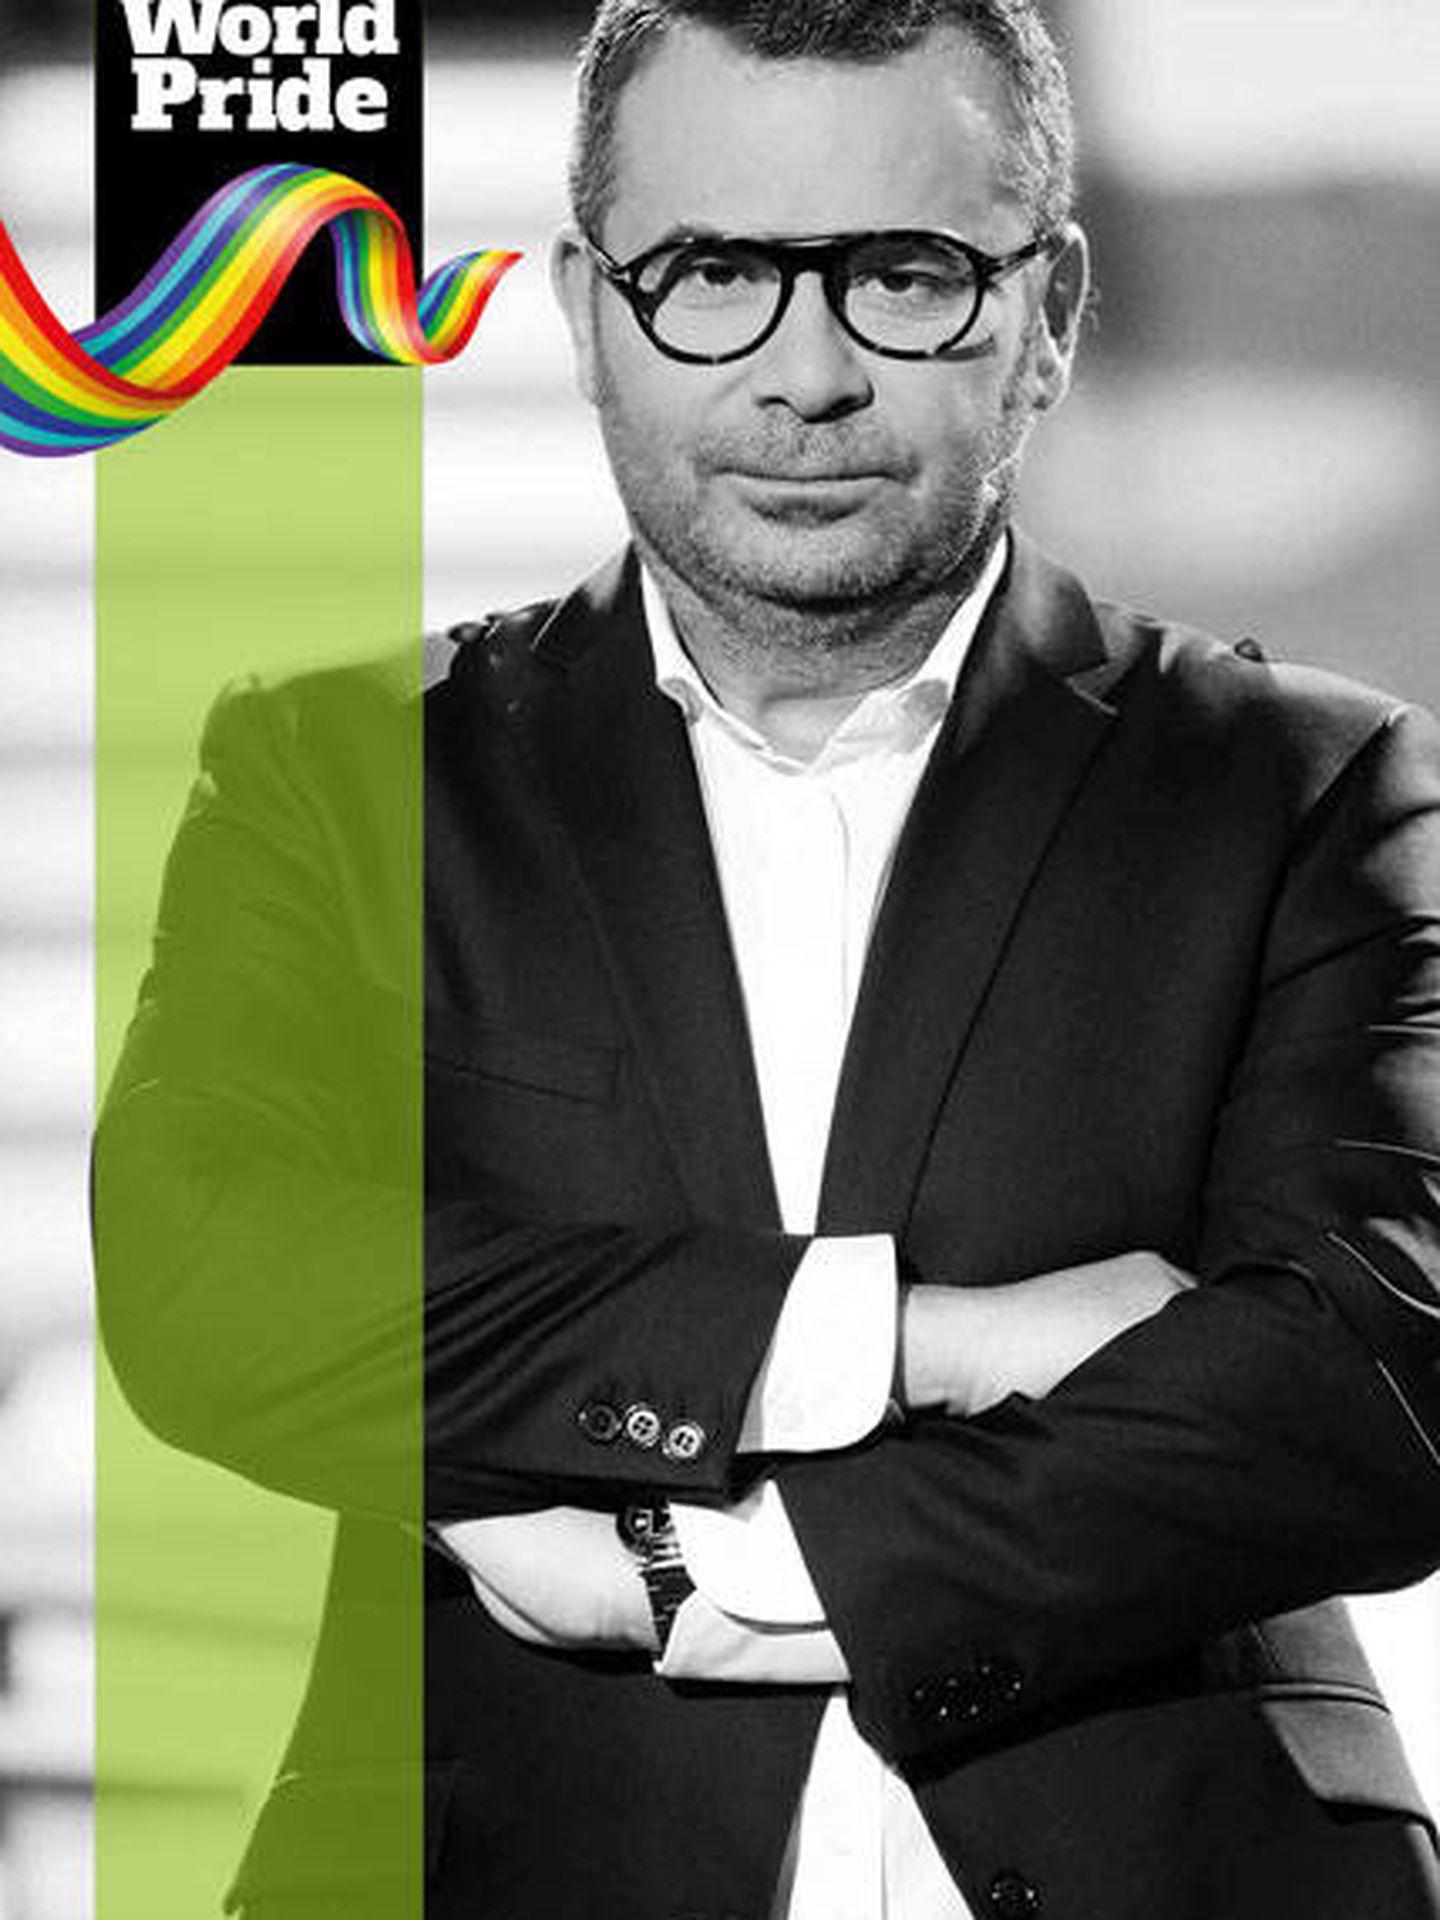 Orgullo LGTBI 2017: Jorge Javier Vázquez.